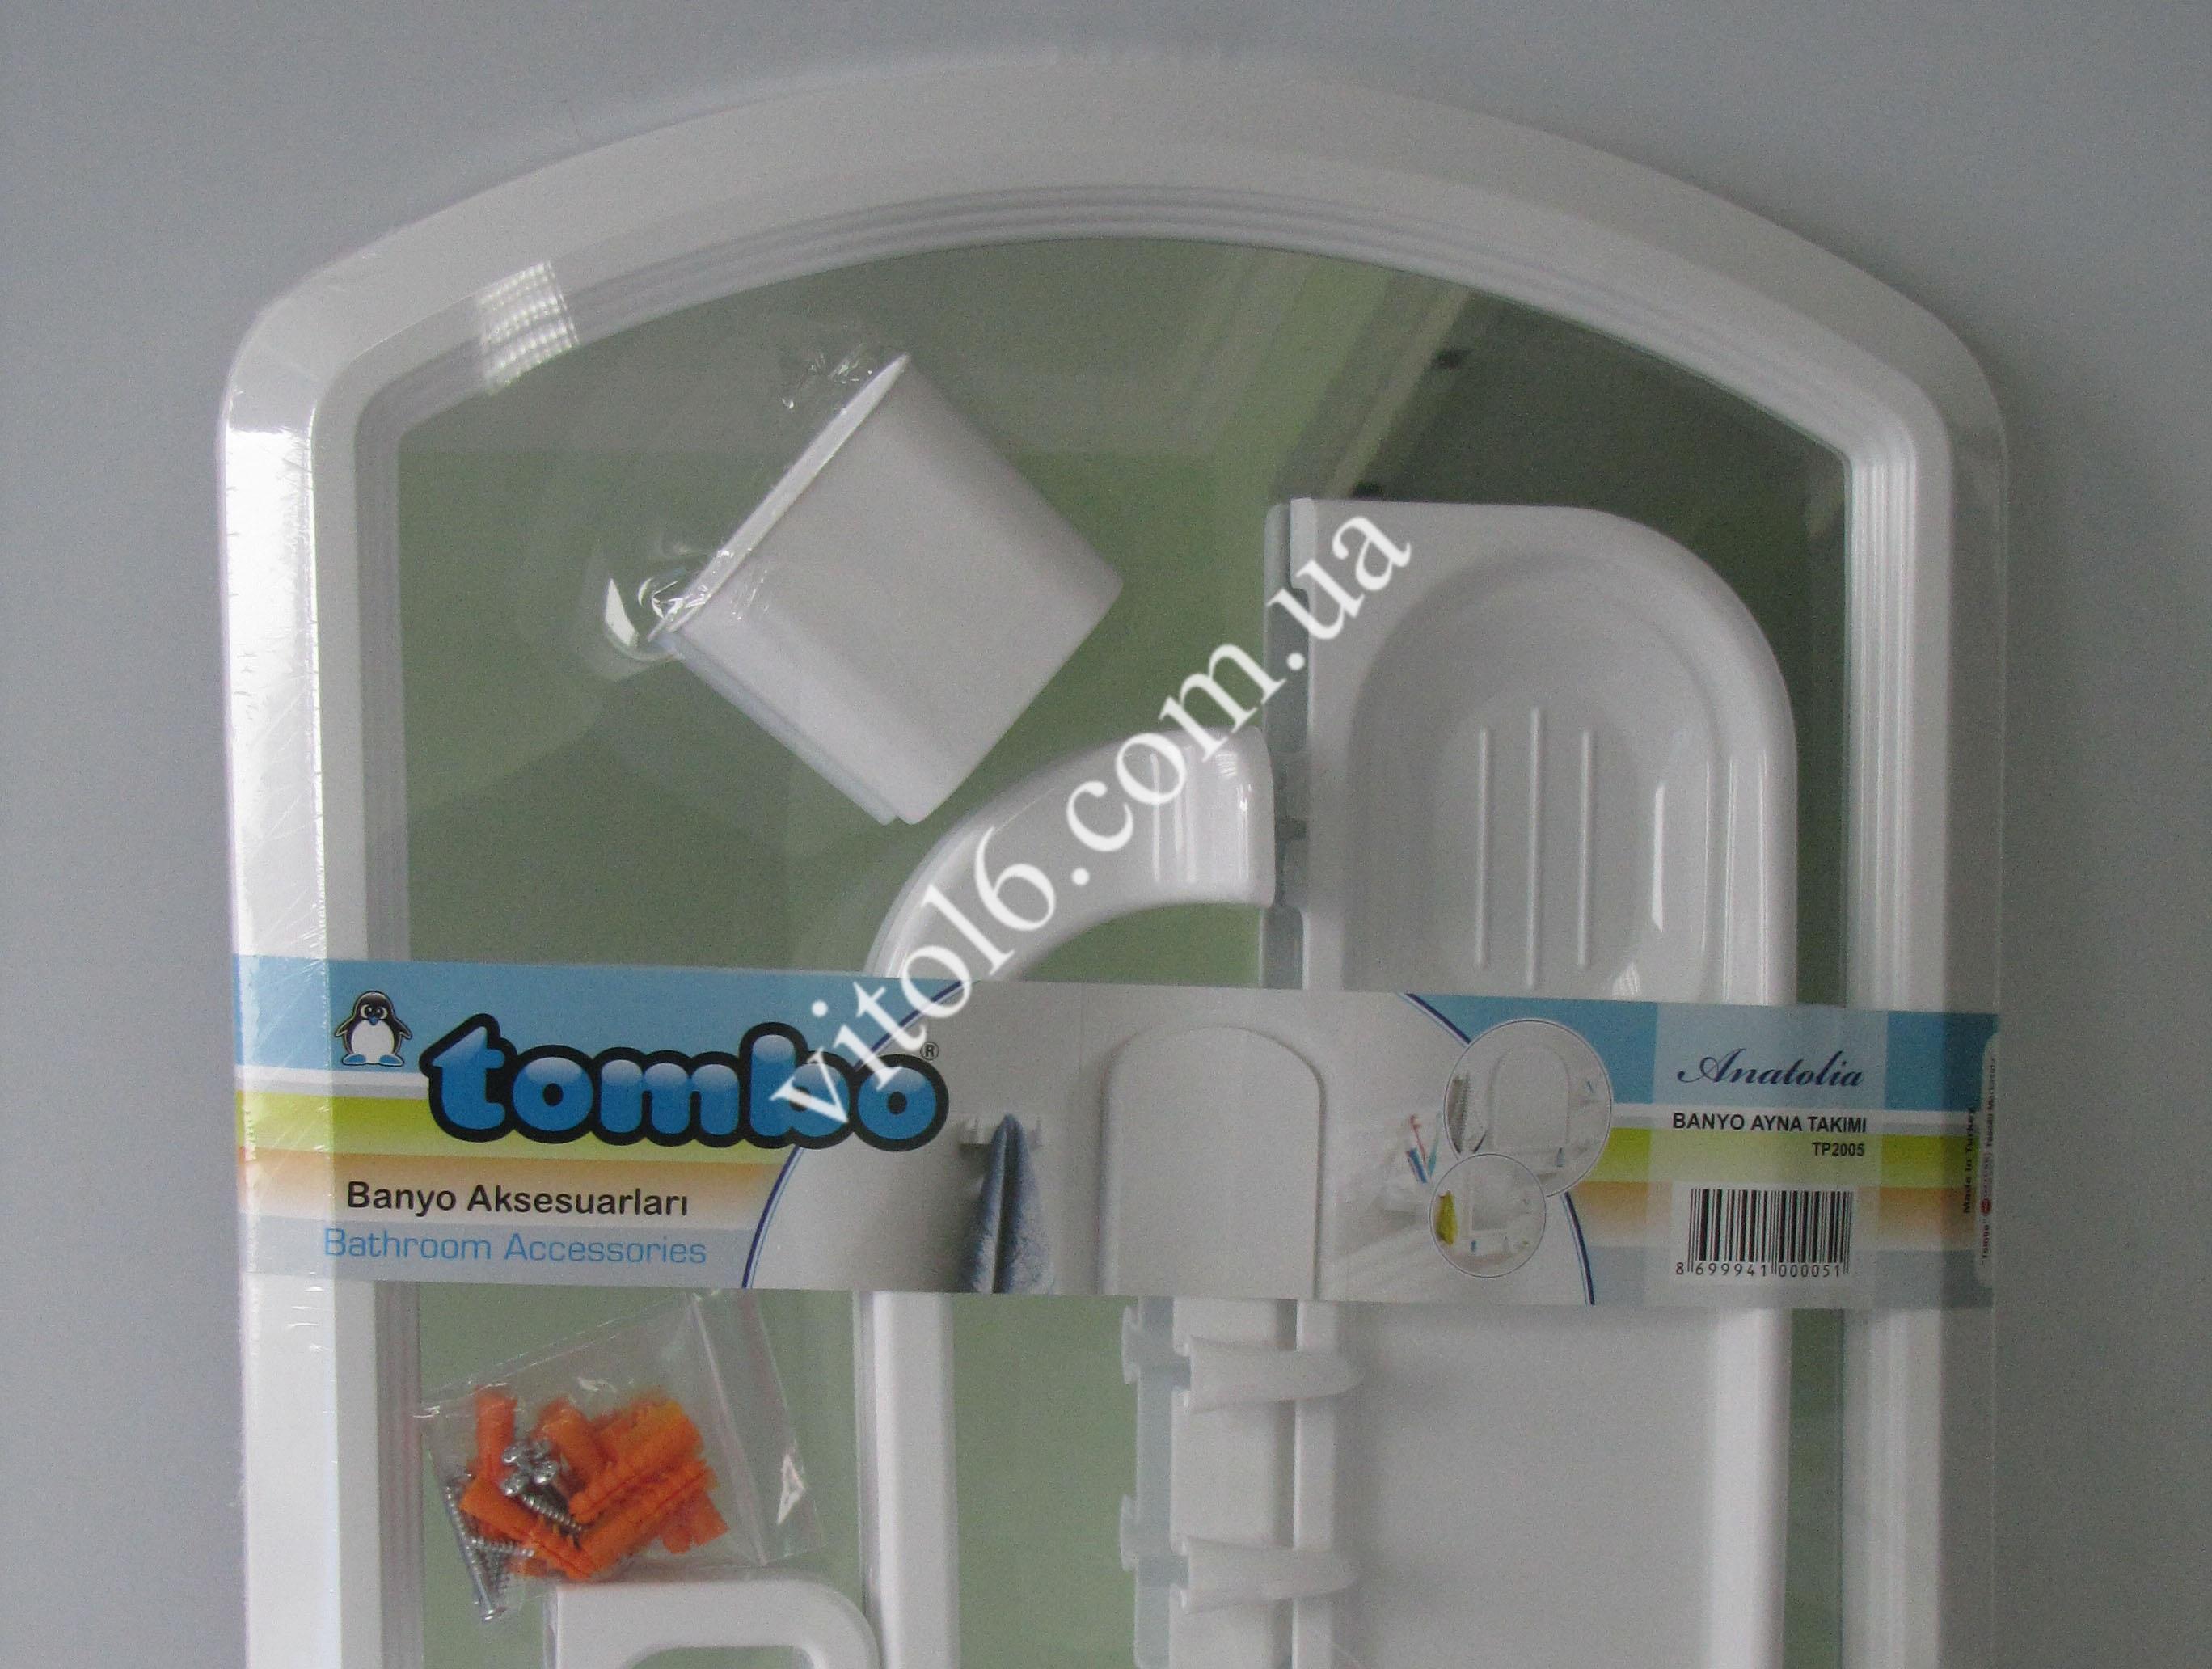 Набор в ванную арка  TOMBO +4 аксес.ТР2001 ЭКО  (6шт)